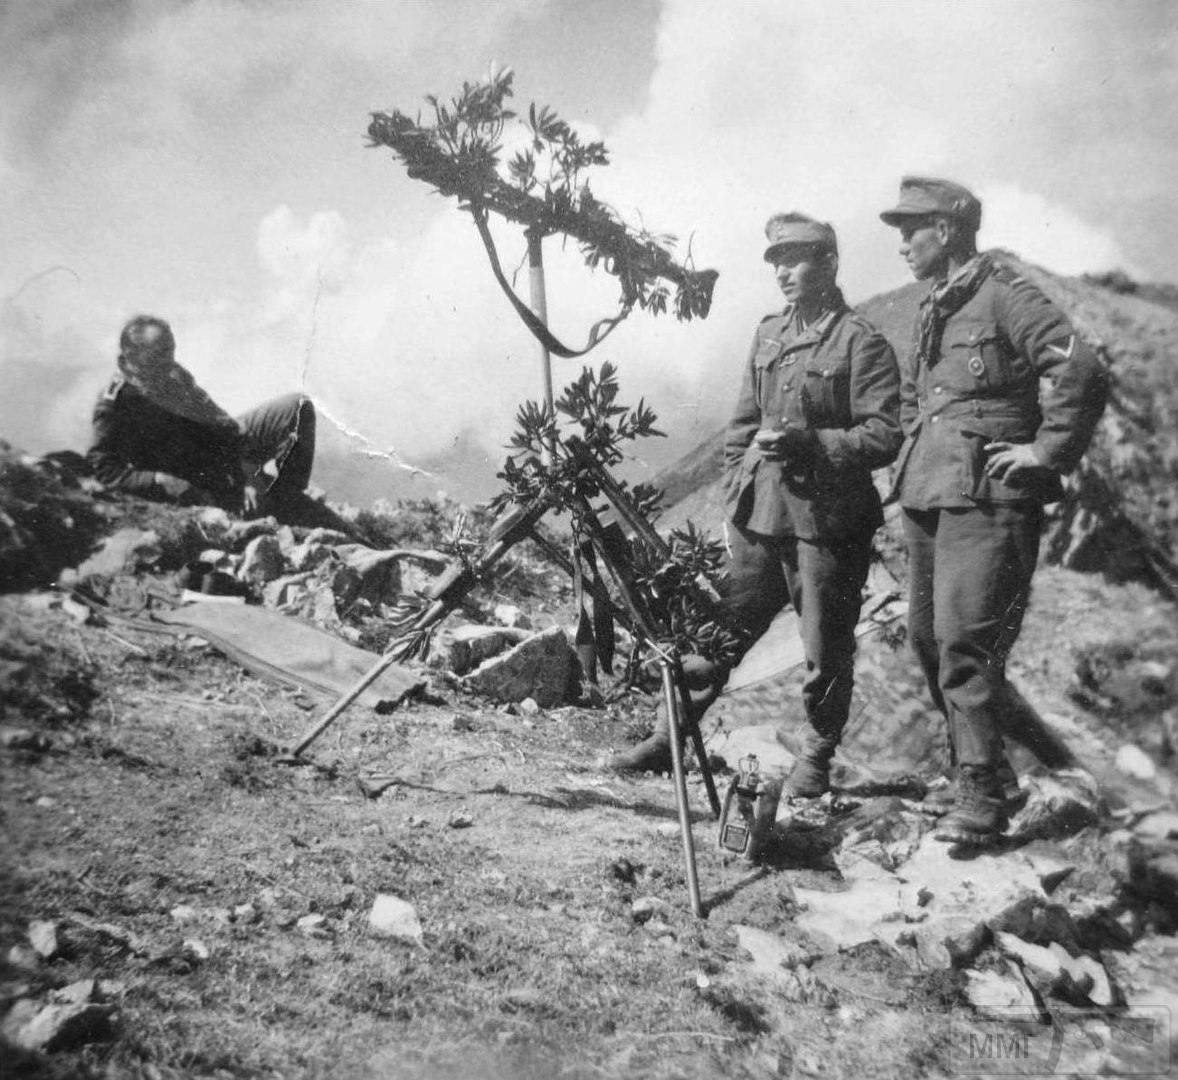 16696 - Все о пулемете MG-34 - история, модификации, клейма и т.д.